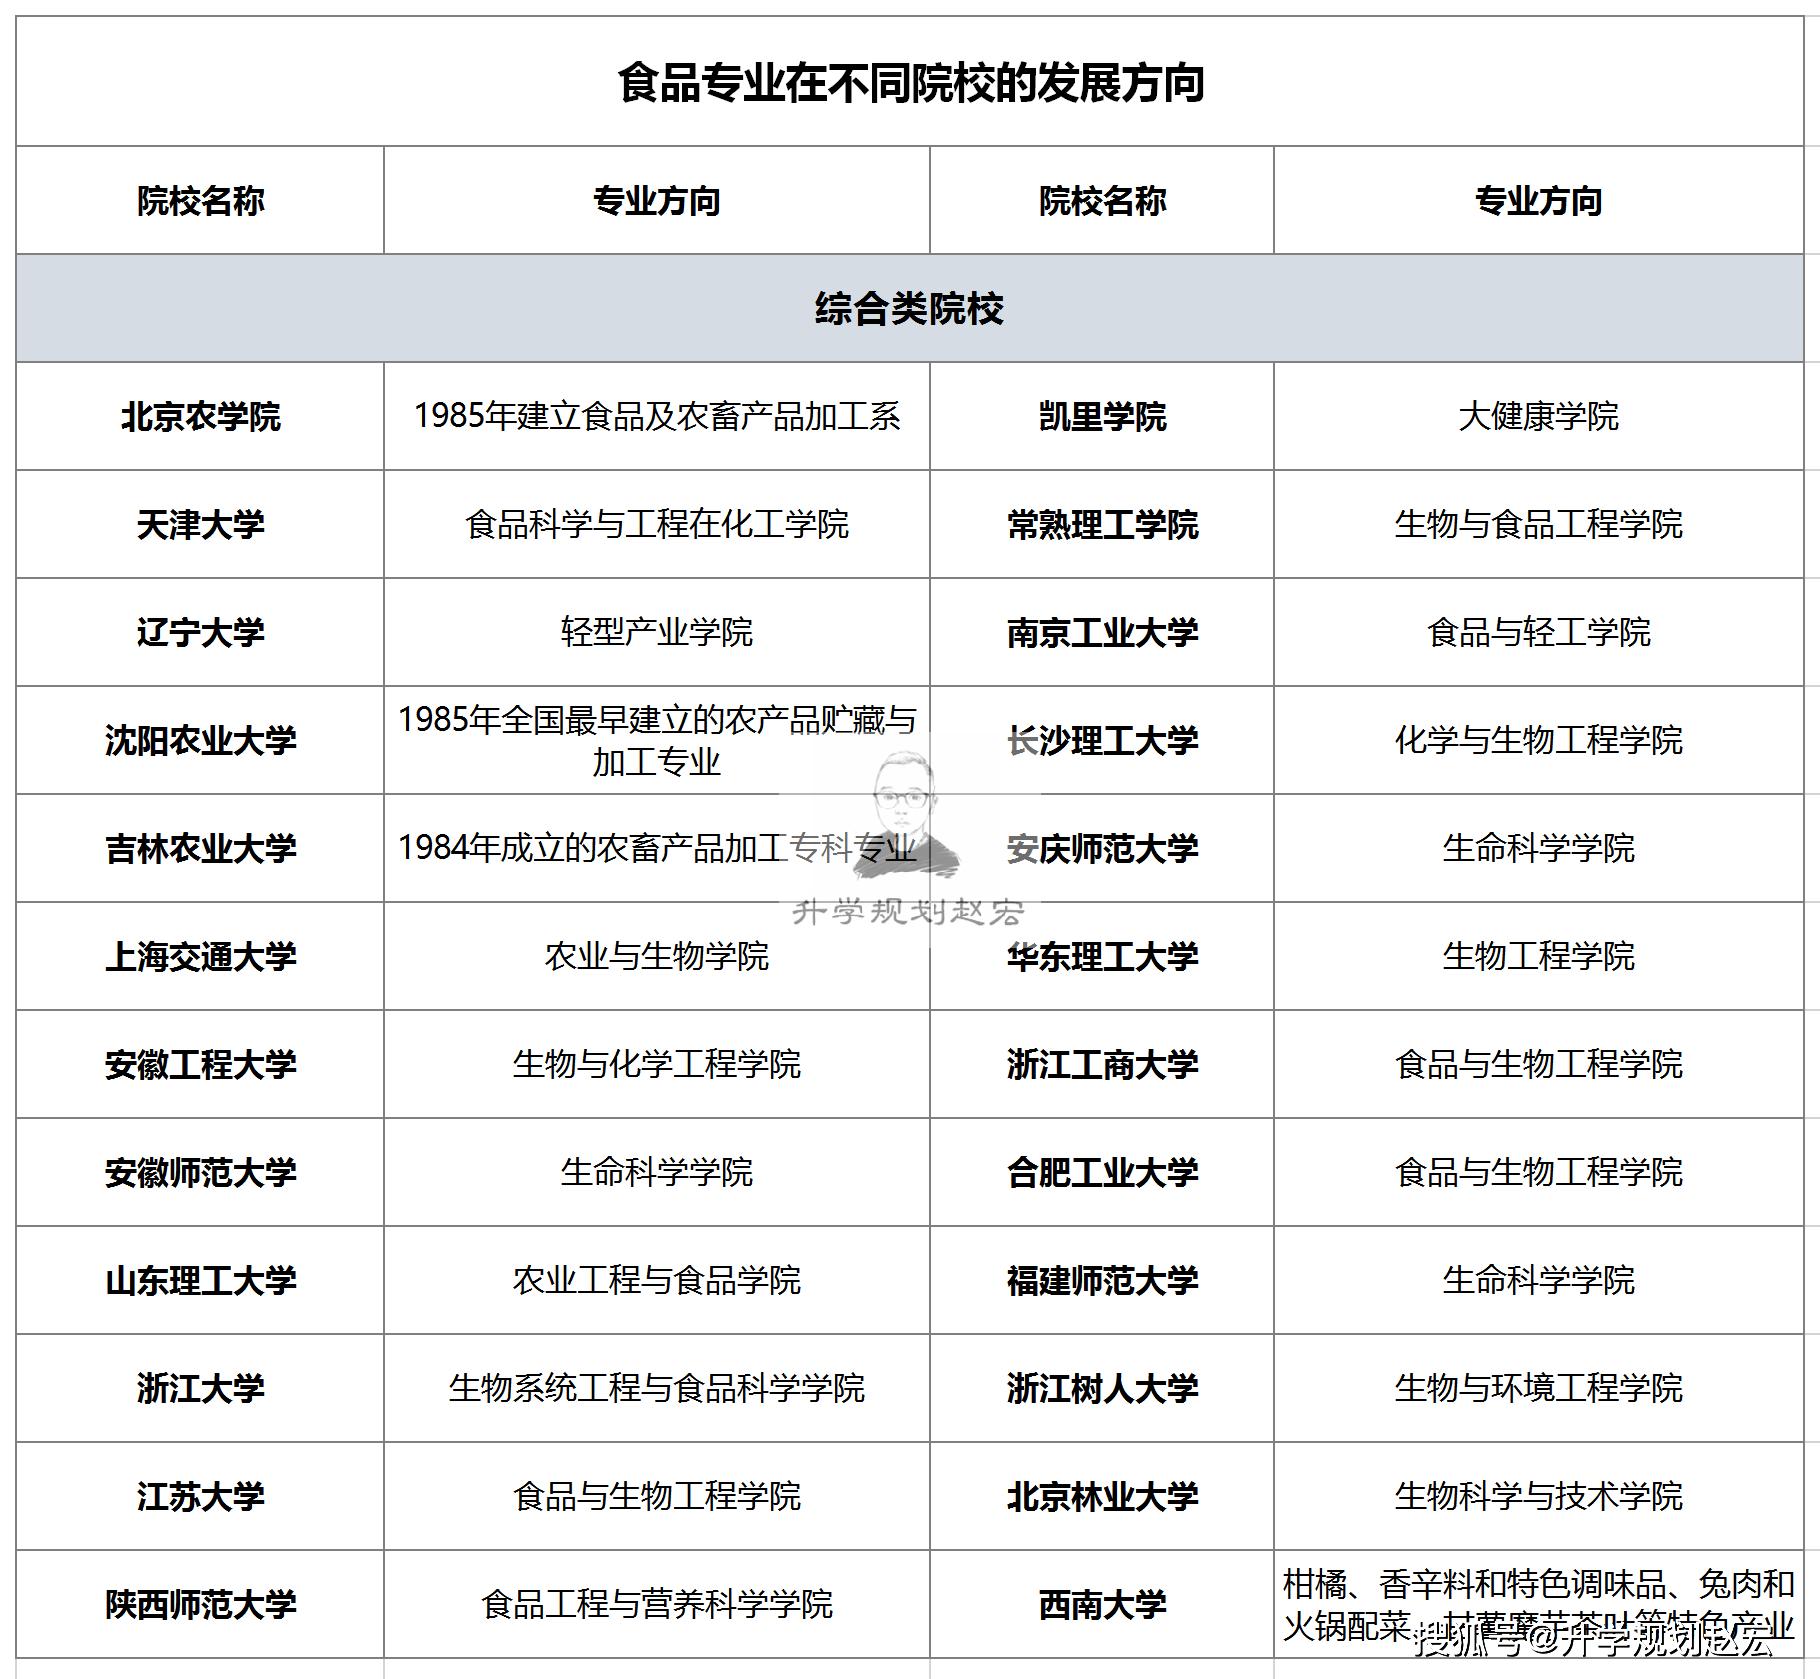 南京财经是粮油,河南农大是烟草。它也